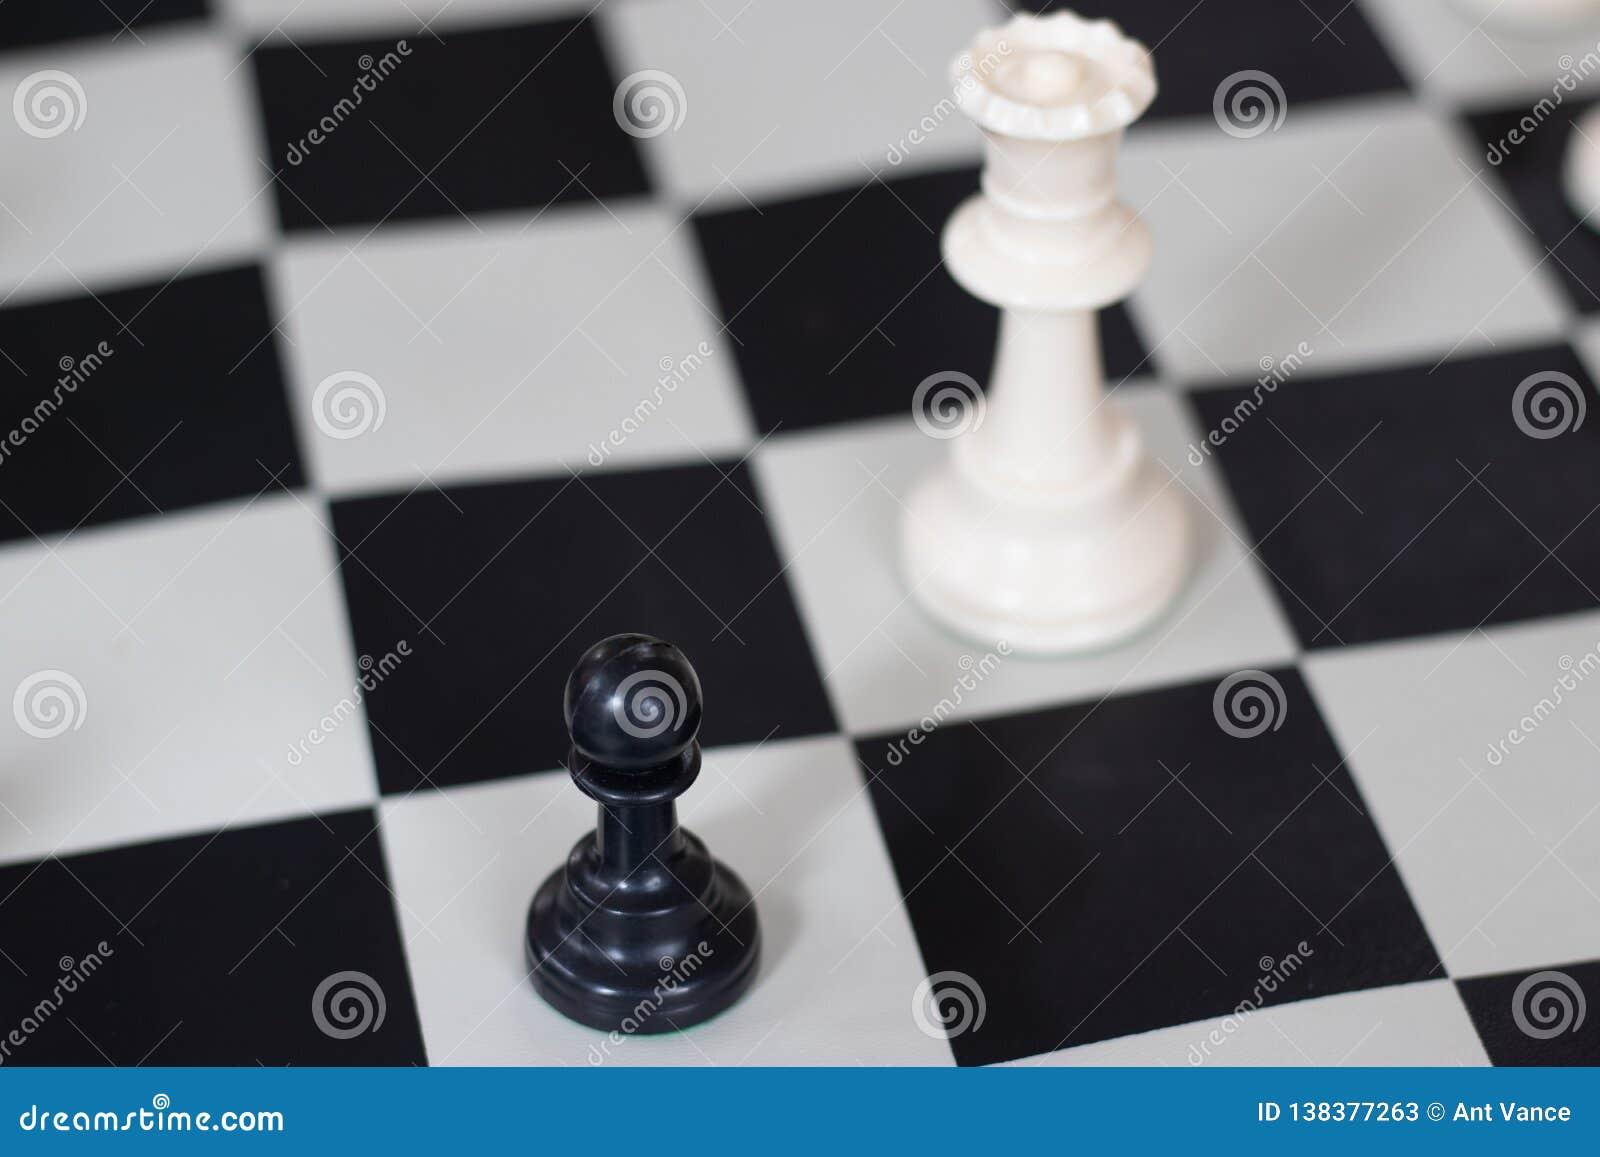 Θέση σκακιού με τη βασίλισσα και το πιόνι, μέσο παιχνίδι